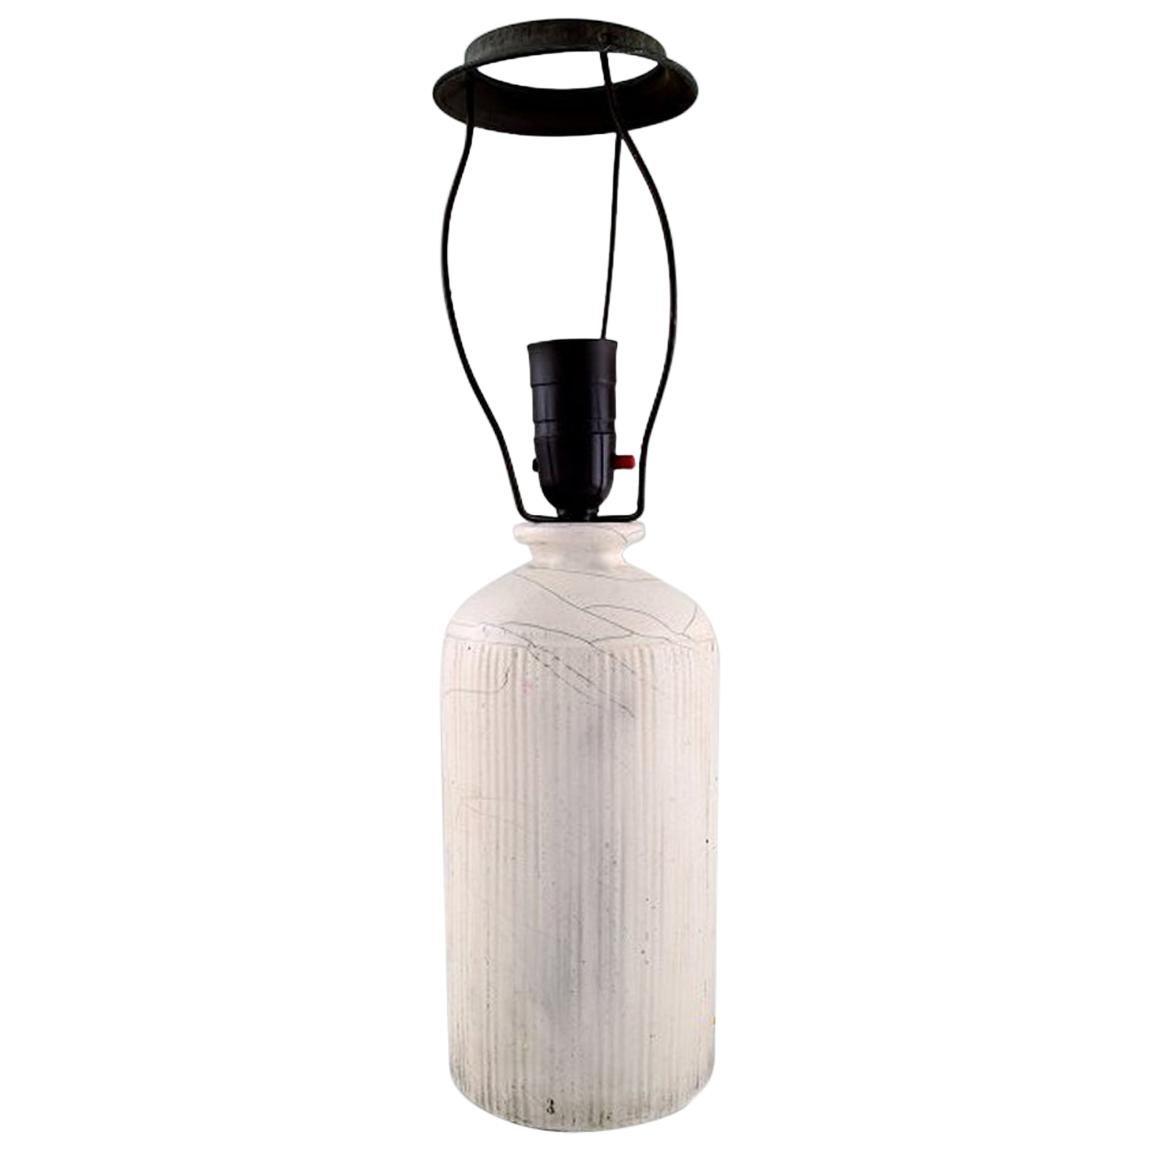 Kähler, Denmark, Table Lamp in Glazed Stoneware, 1930s by Svend Hammershoi